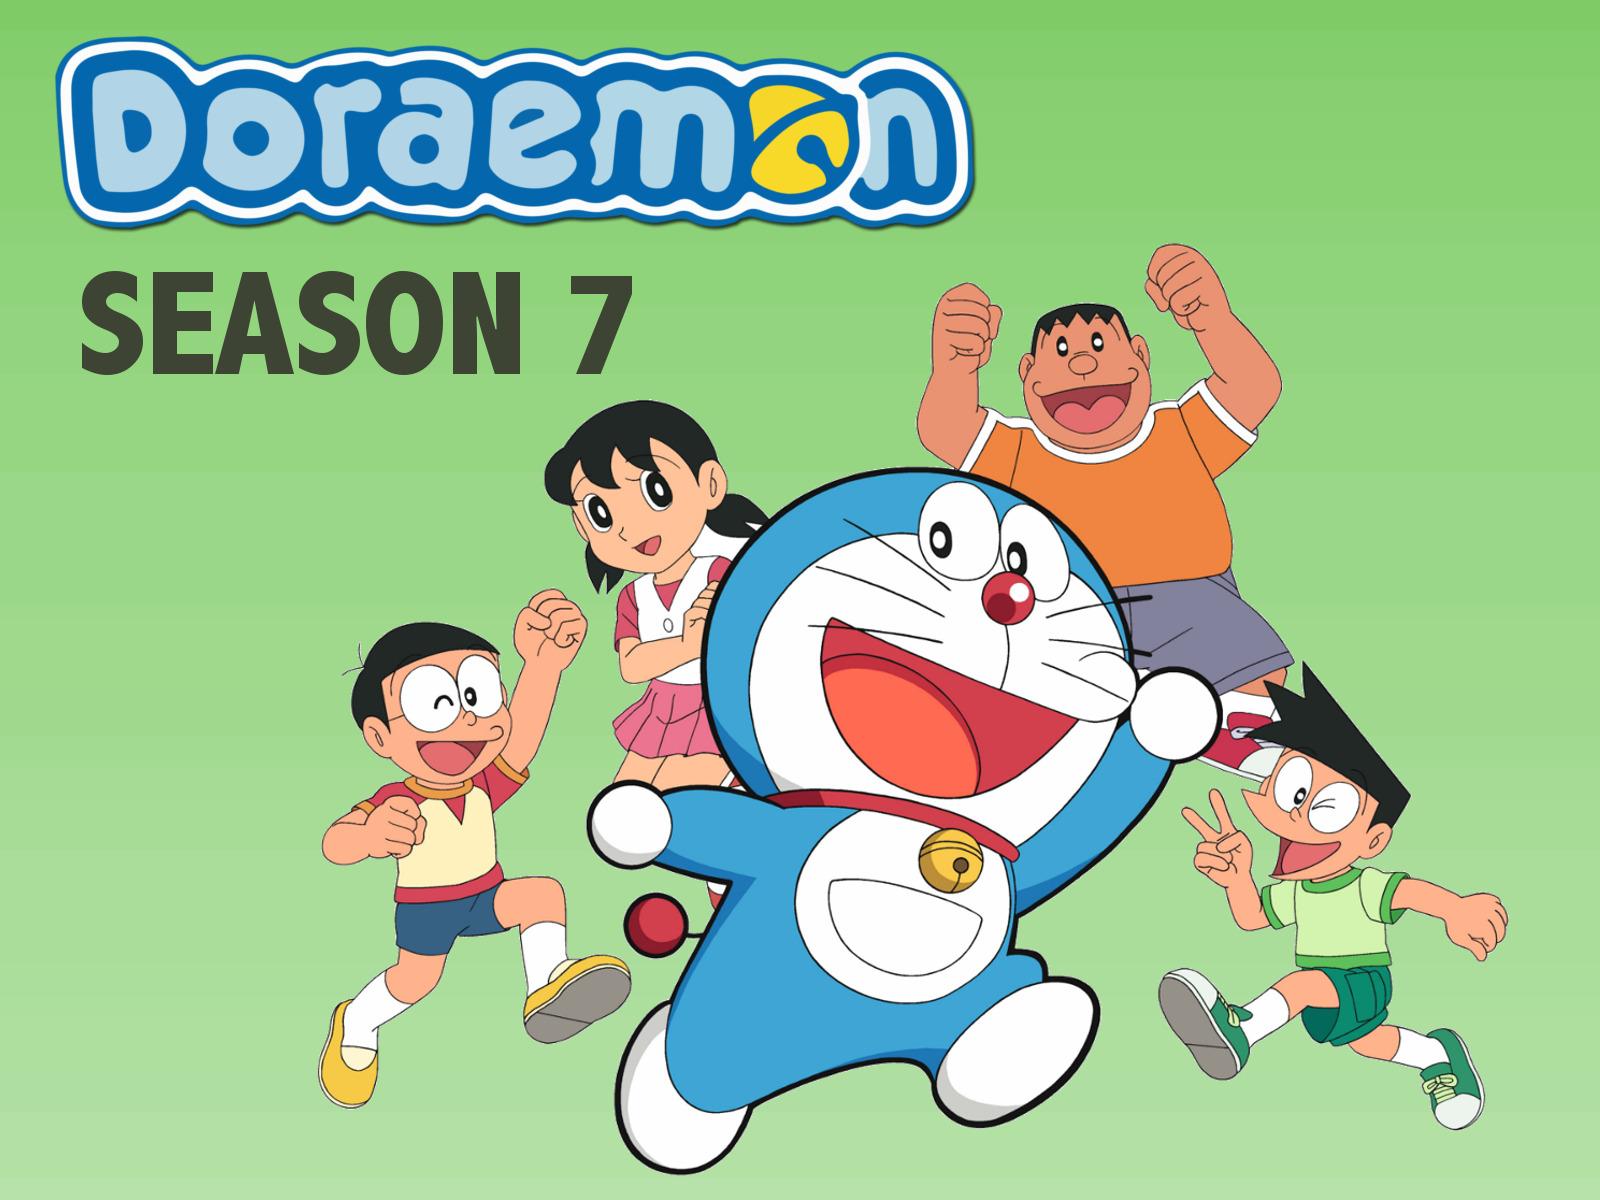 Prime Video Doraemon Season 7